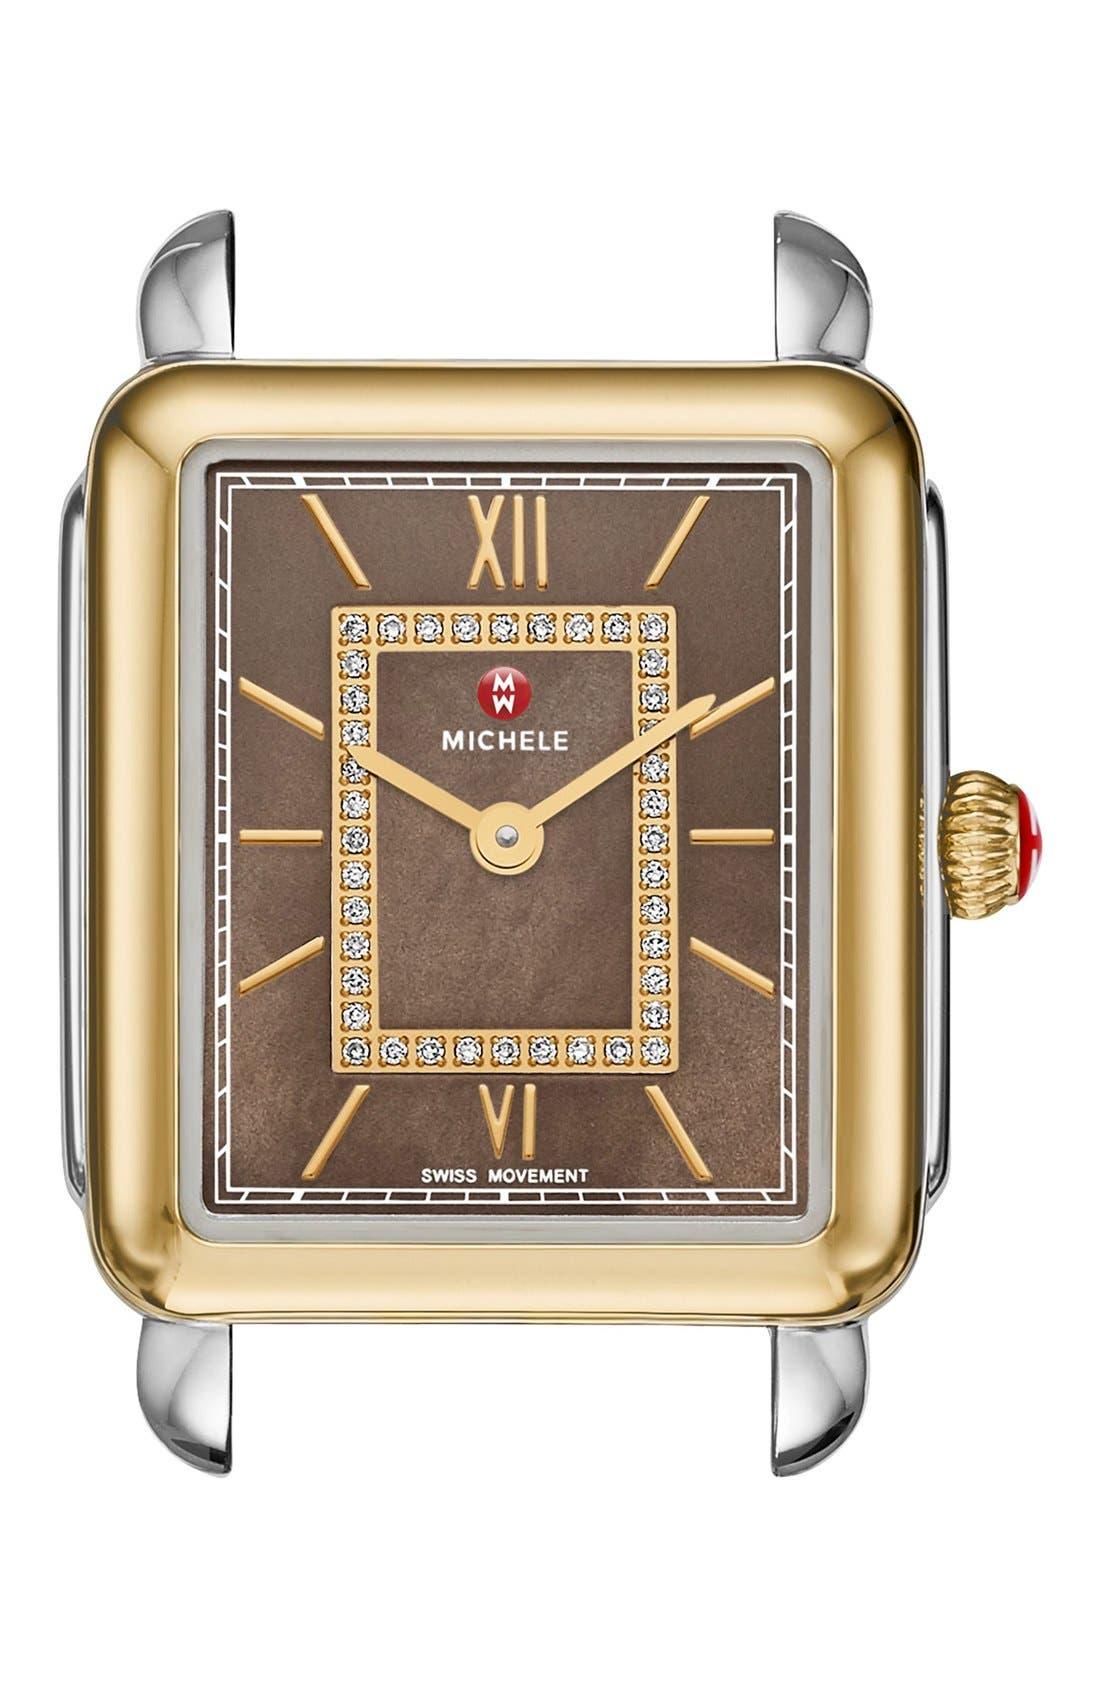 MICHELE Deco II Diamond Dial Watch Case, 26mm x 28mm